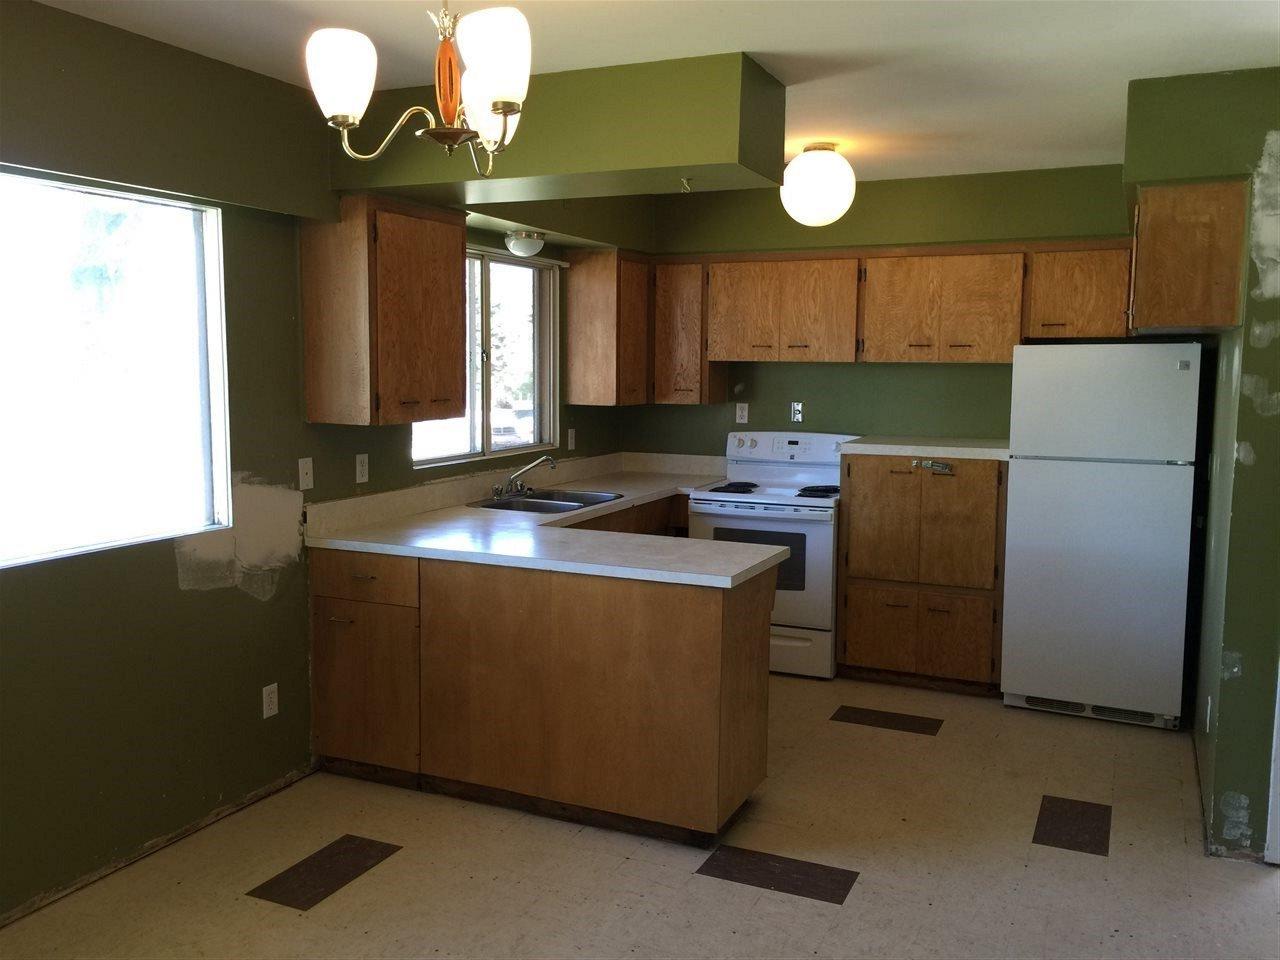 Photo 3: Photos: 9519 105 Avenue: Fort St. John - City NE House for sale (Fort St. John (Zone 60))  : MLS®# R2101318